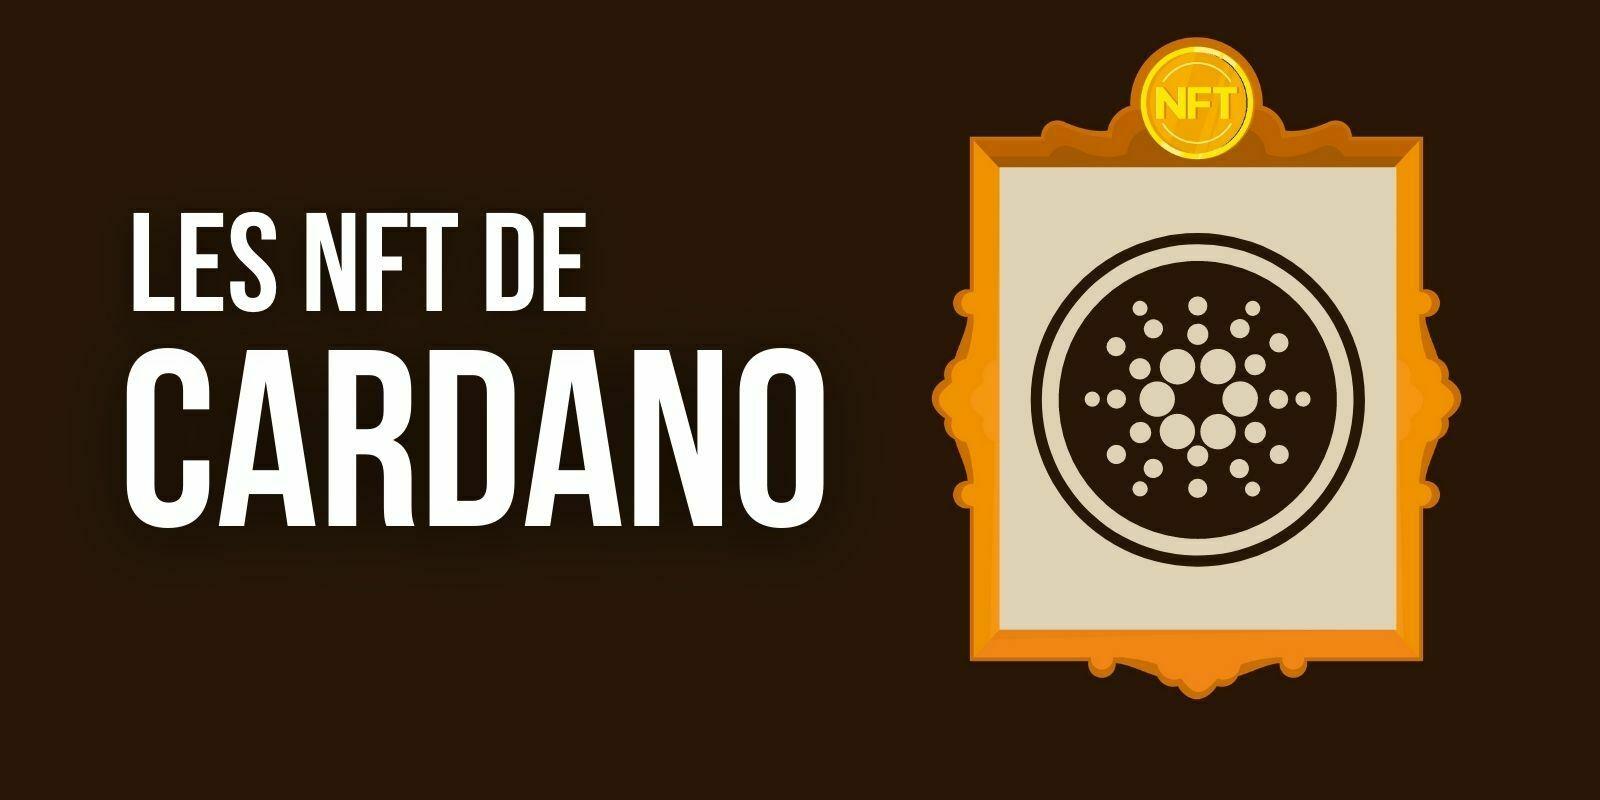 Cardano distribue des NFT un peu particuliers – Le cours de l'ADA en hausse